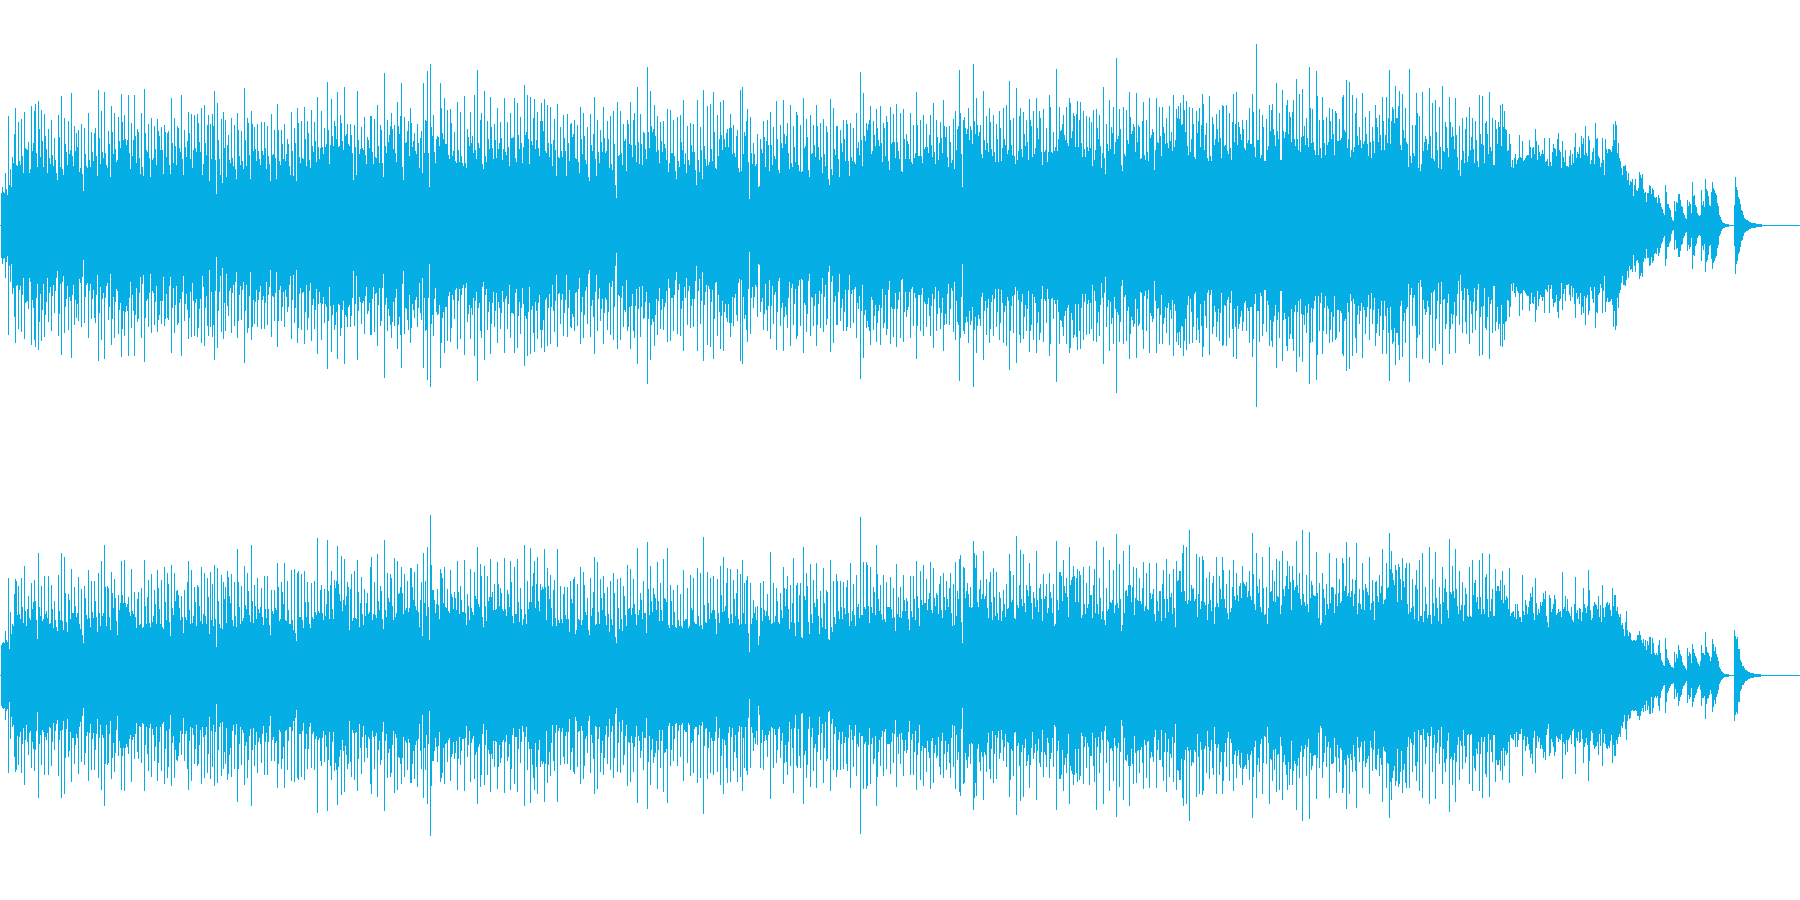 さわやかに盛り上がるミディアム・ポップスの再生済みの波形